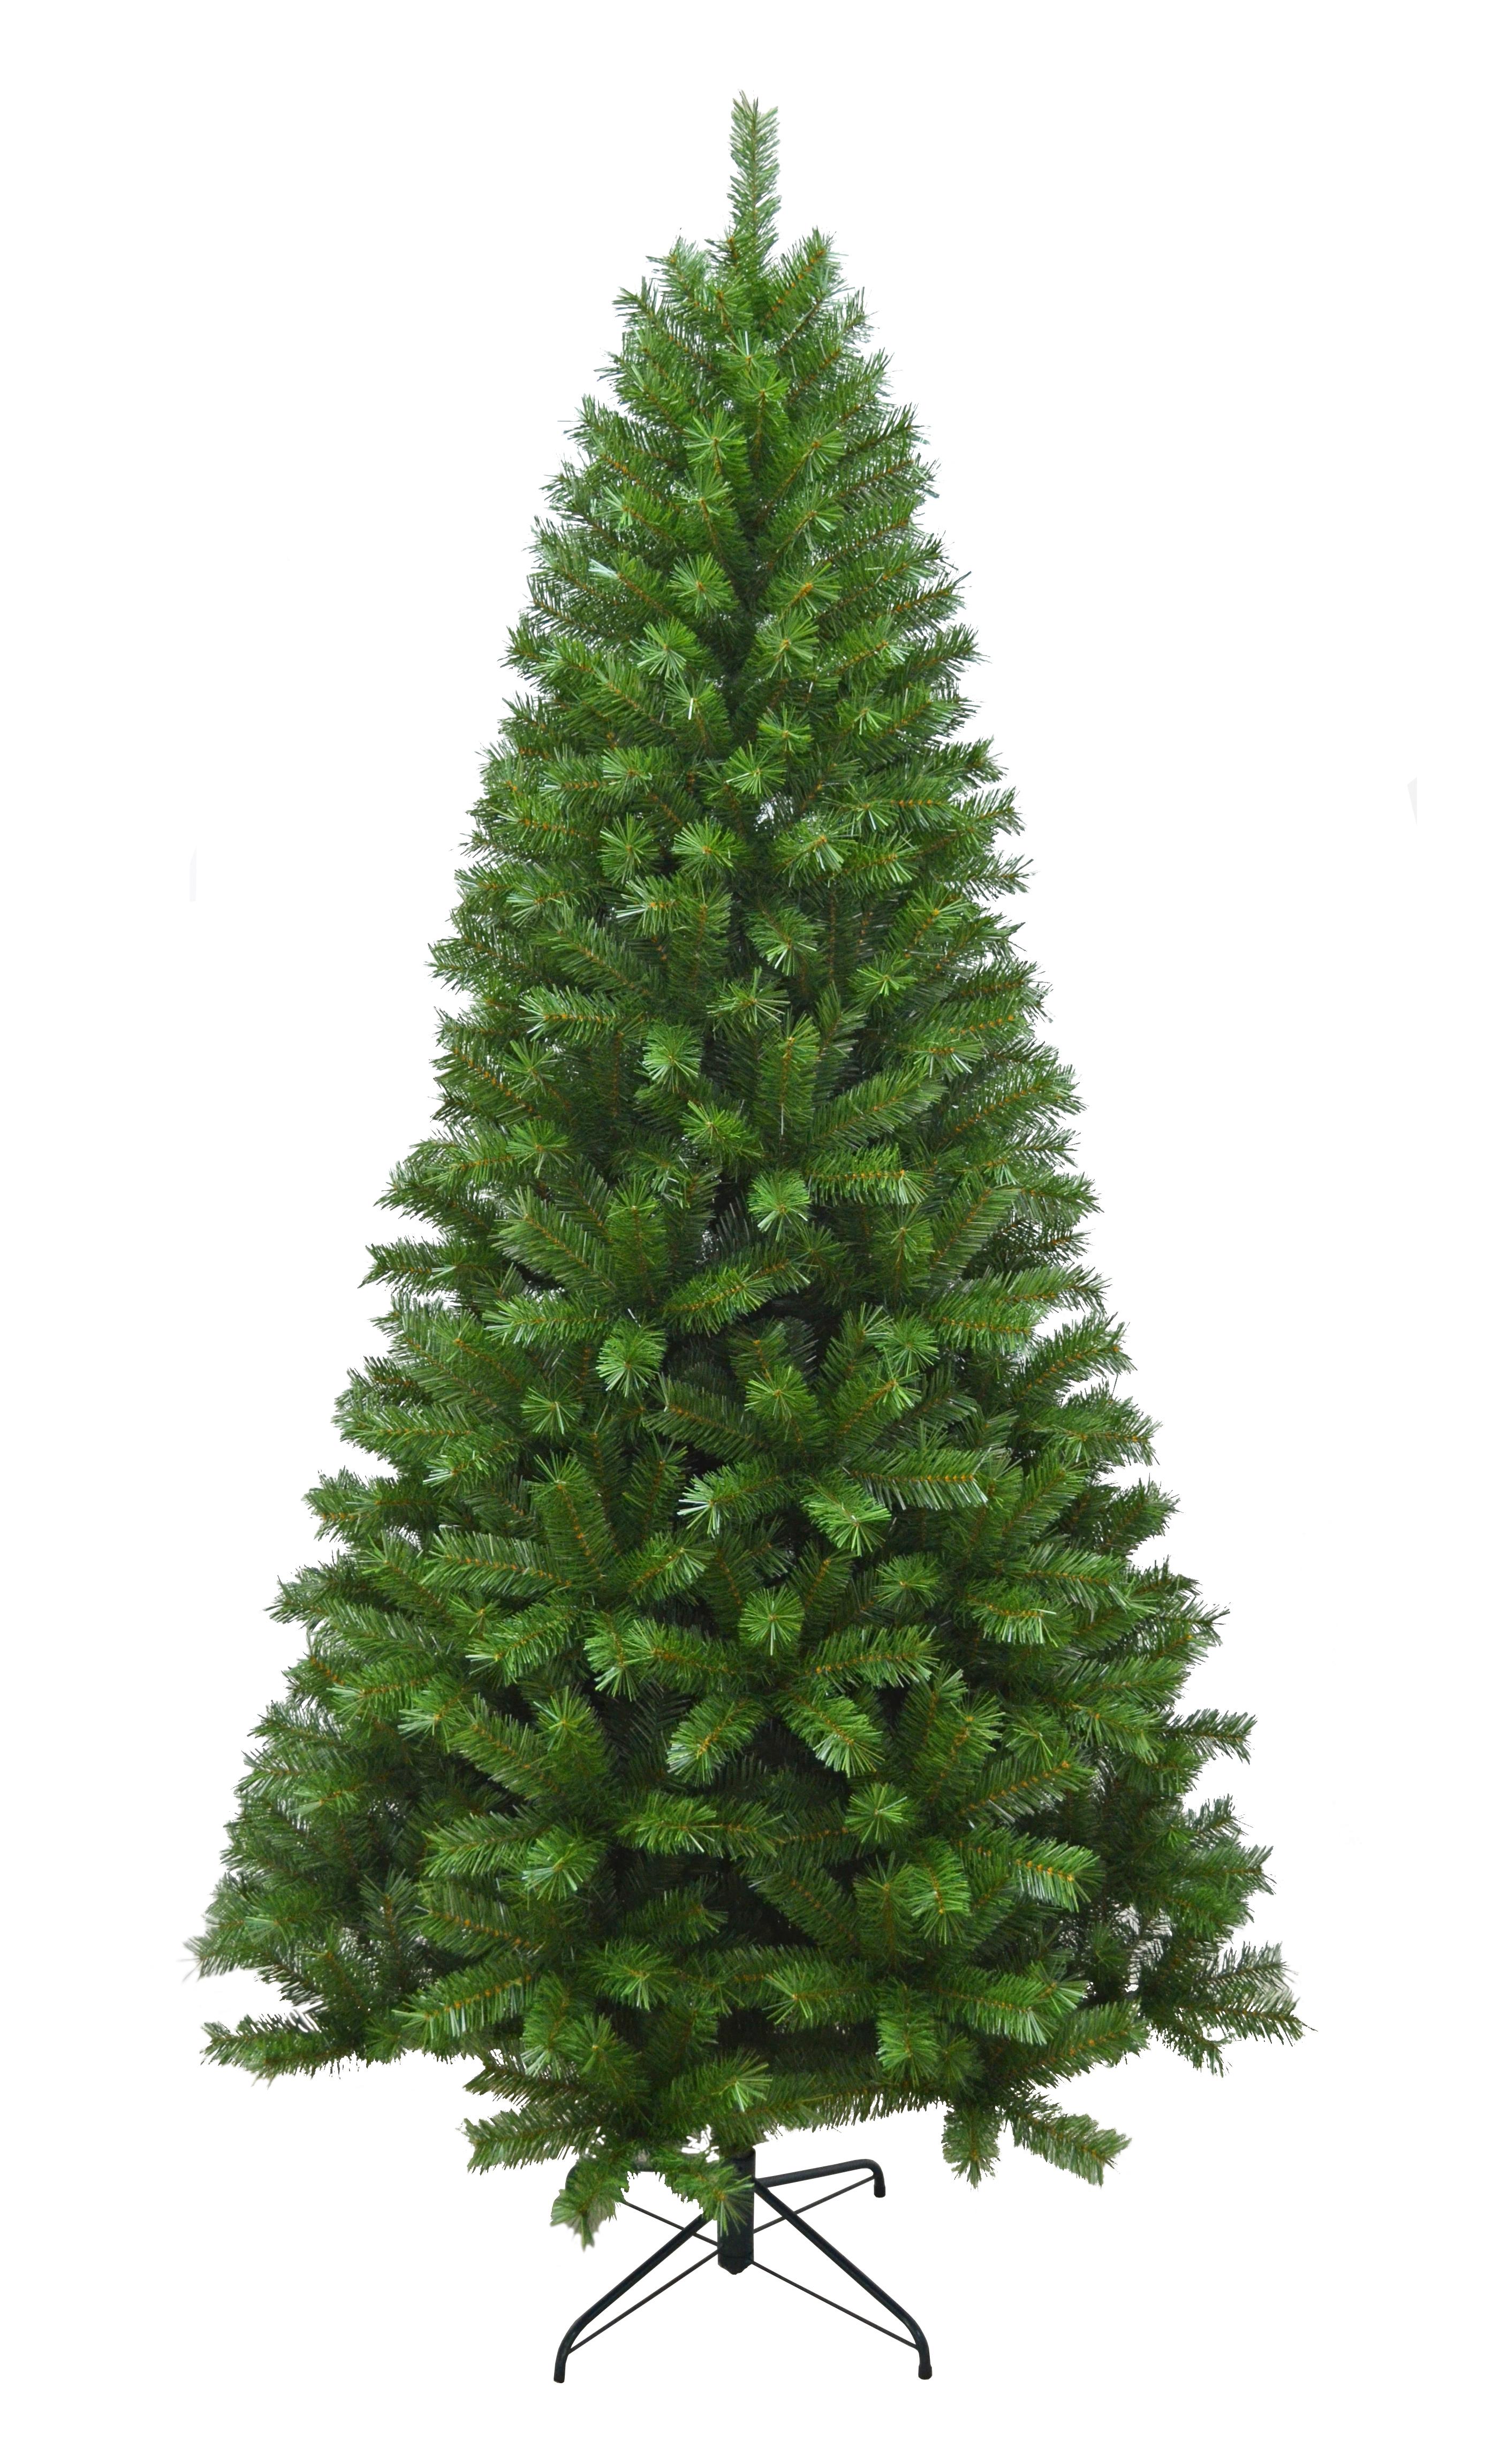 Albero Di Natale Slim 210.Albero Di Natale Tudal Slim H 210 Cm 1000 Rami Colore Verde Bricocasa